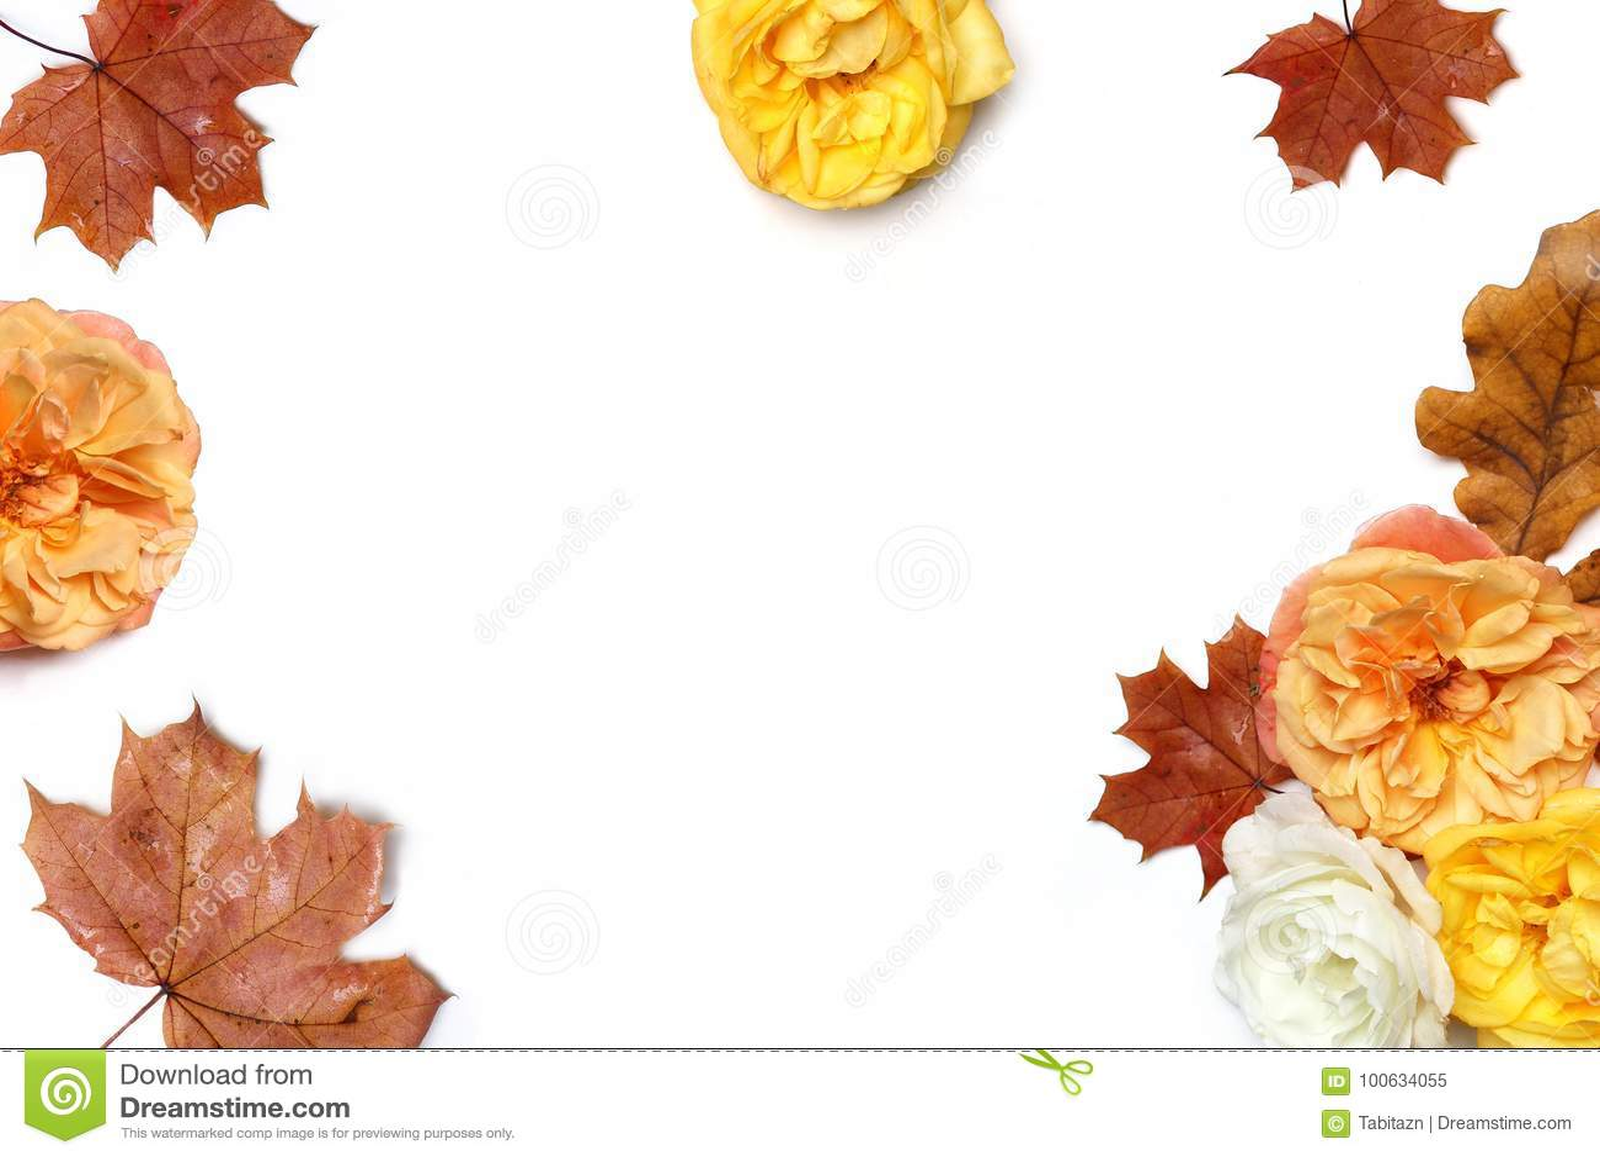 Herbstblumenrahmen gemacht von den bunten Ahorn- und Eichenblättern und verblassenden von den Aprikosen- und Gelbenrosen lokalisi